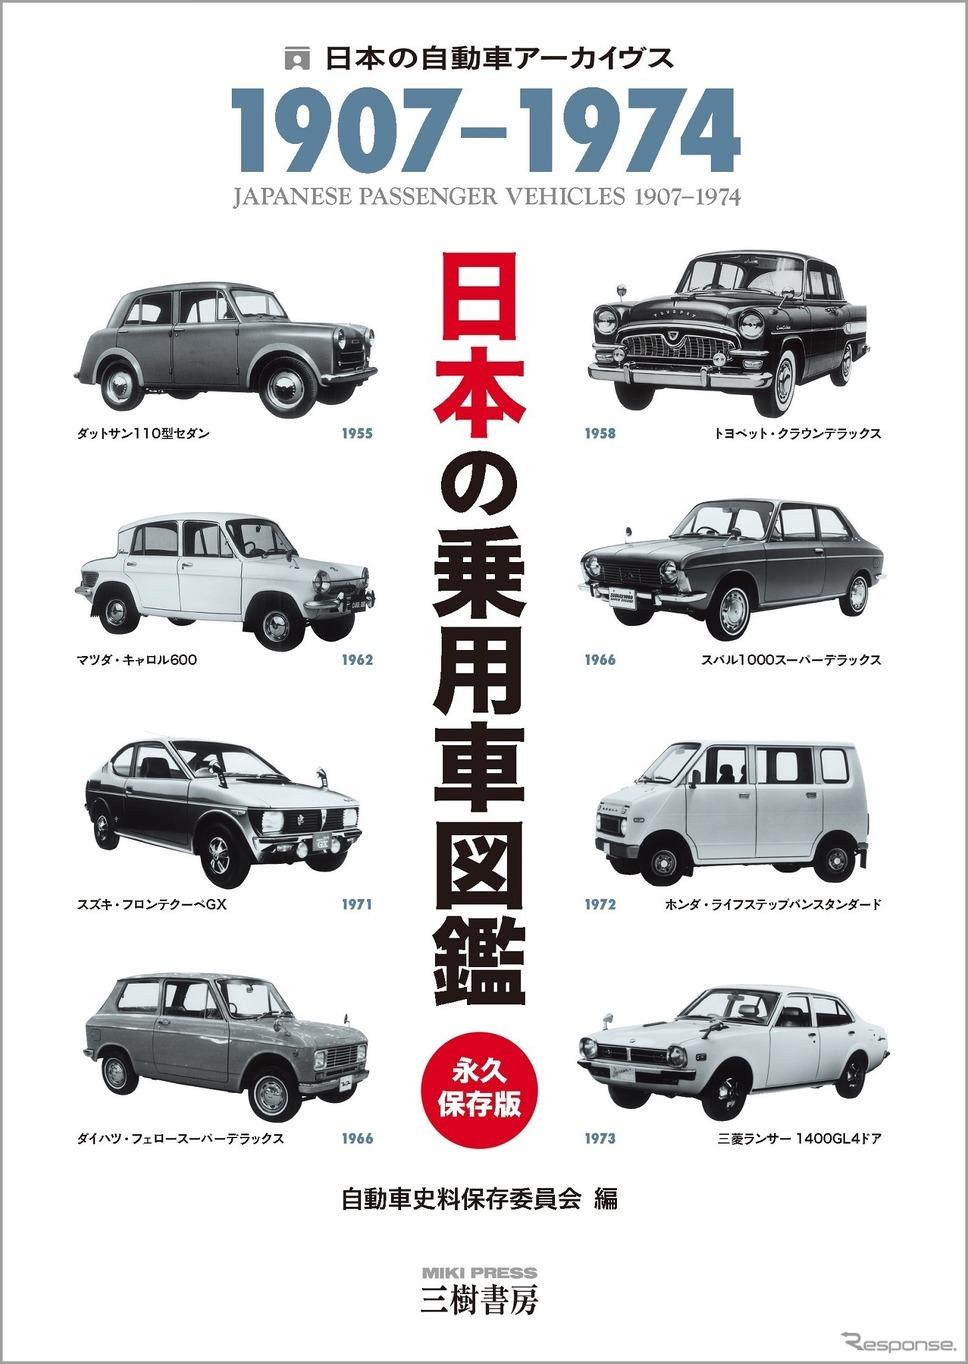 『日本の乗用車図鑑 1907 - 1974』